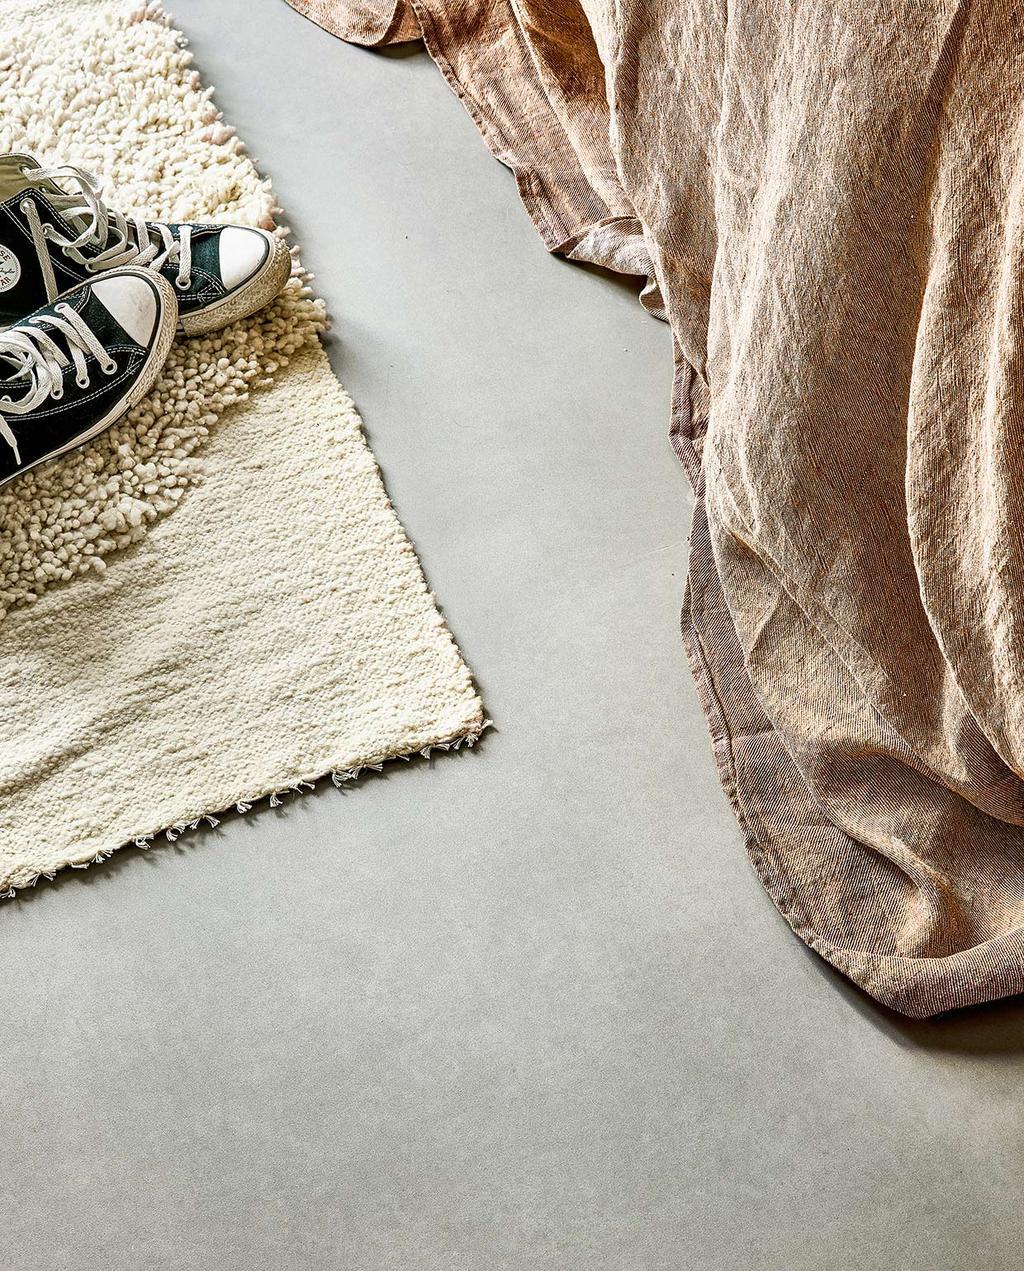 vtwonen 07-2021 | betonlook vloer met dekbedovertrek en een vloerkleed